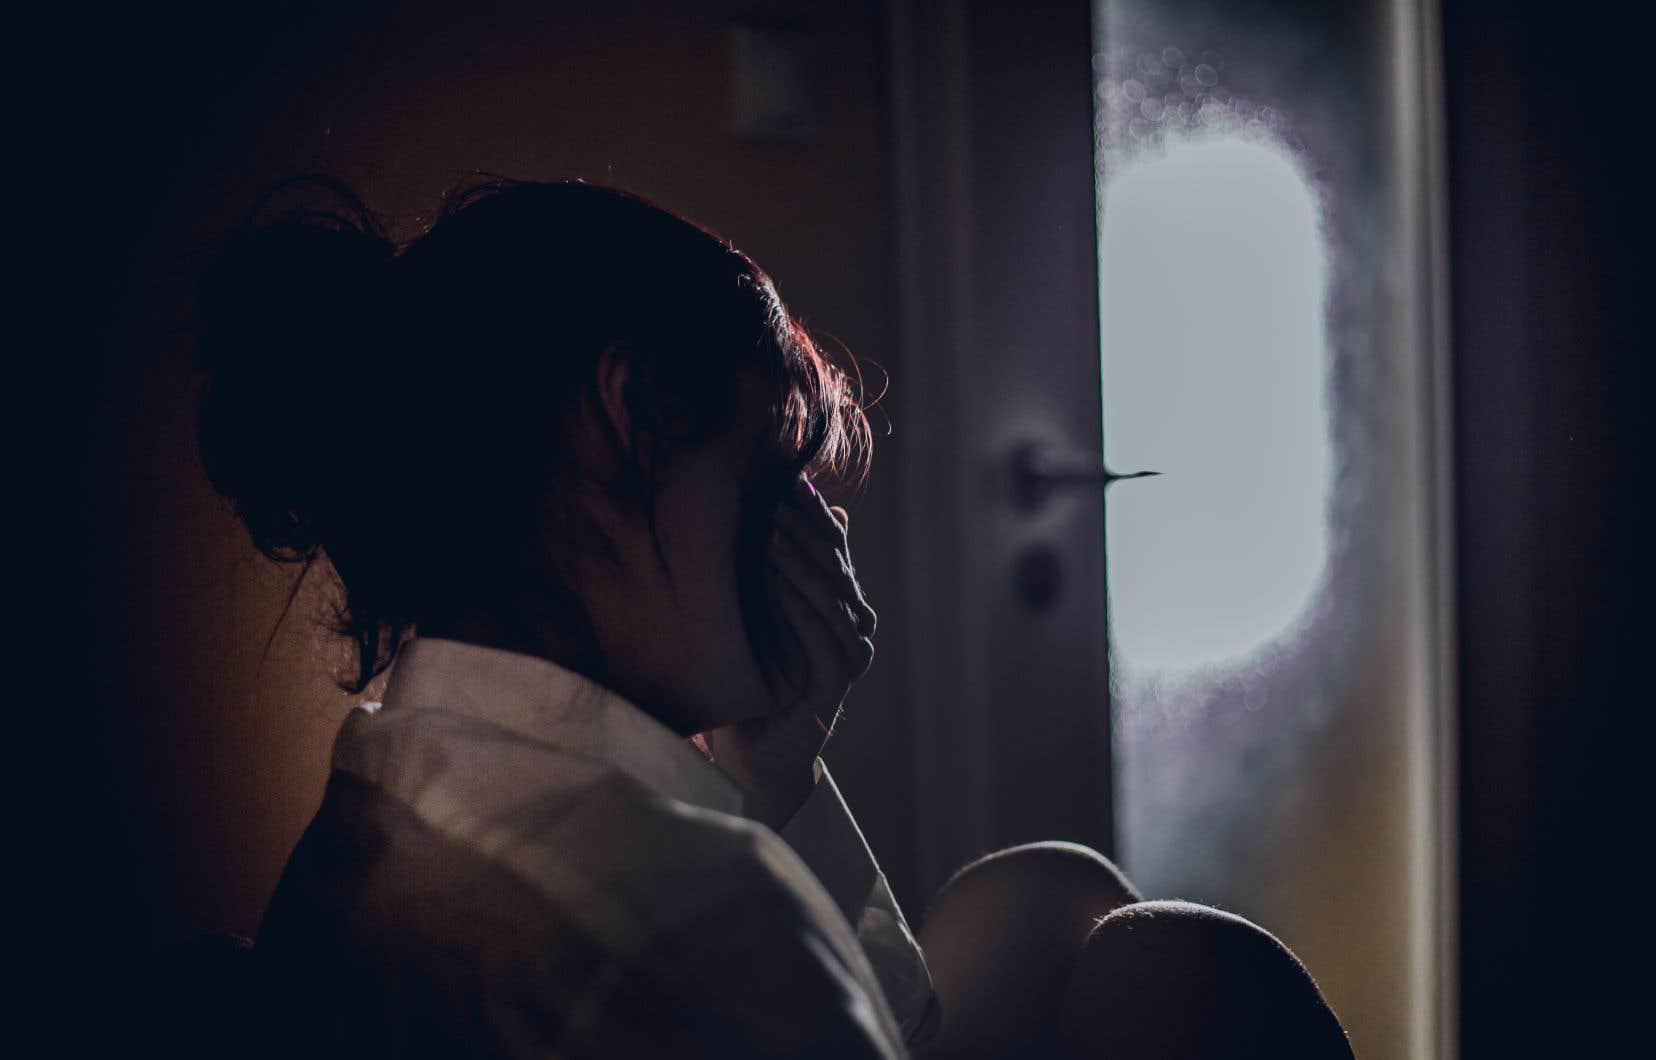 Le concept de contrôle coercitif, important dans le domaine de la violence entre partenaires intimes, témoigne du fait que la violence conjugale est ressentie de façon cumulative plutôt qu'épisodique. Les victimes vivent dans un environnement de contrôle maintenu notamment par l'isolement, les menaces, la surveillance, l'intimidation et le dénigrement.